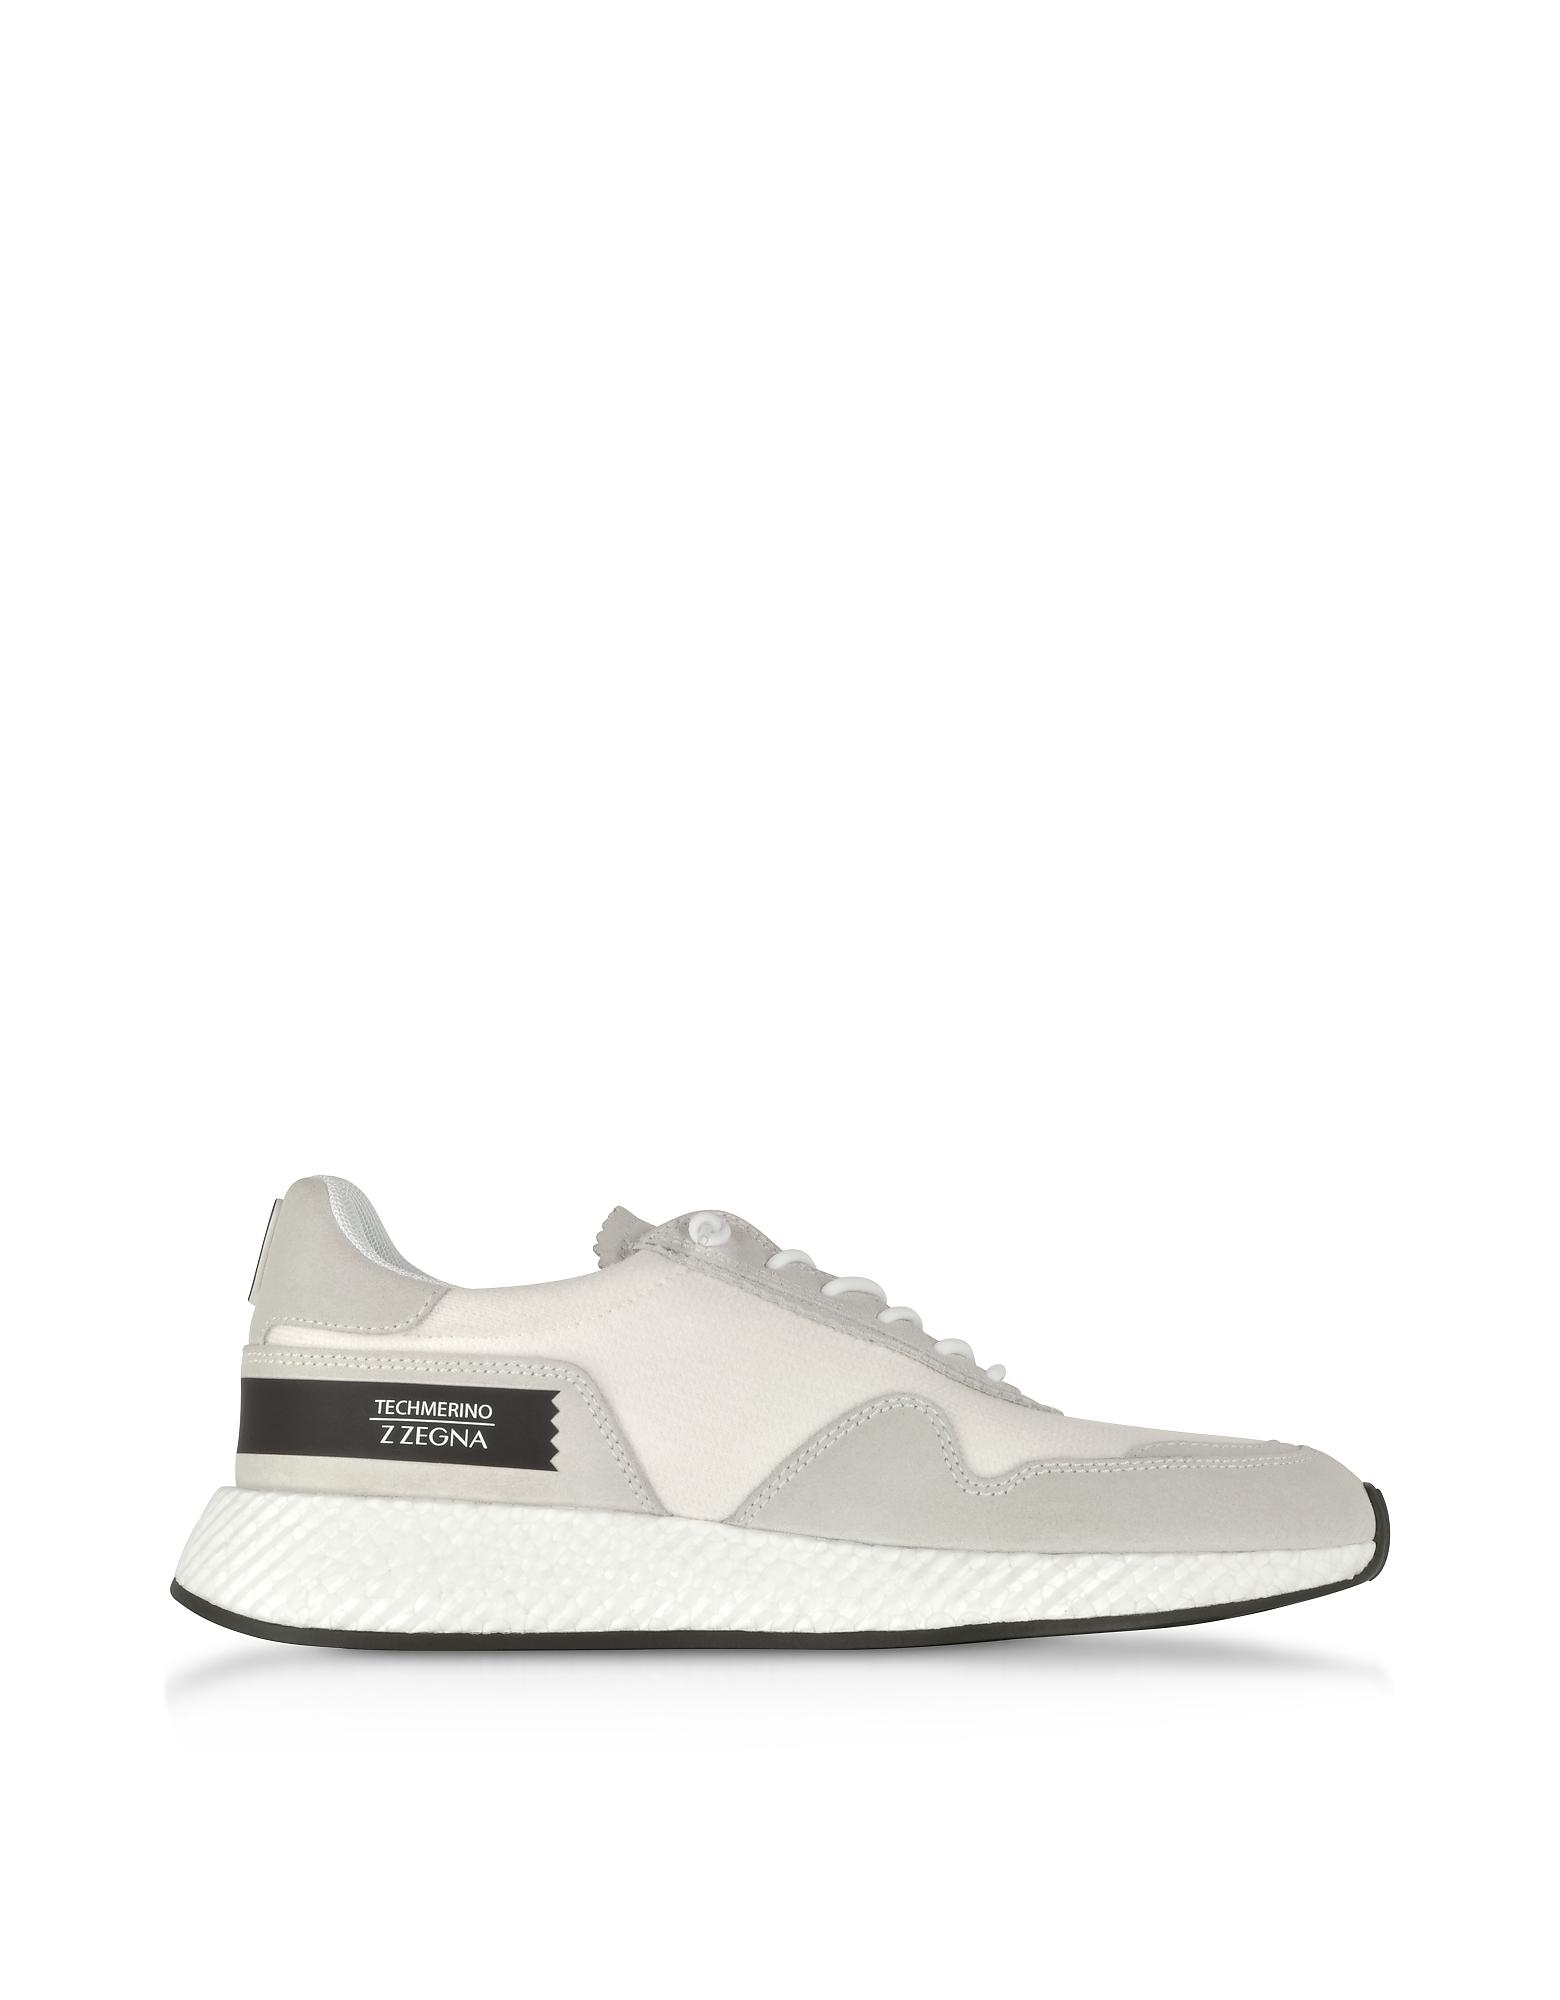 Ermenegildo Zegna Shoes, White Techmerino and Suede Men's Sneakers